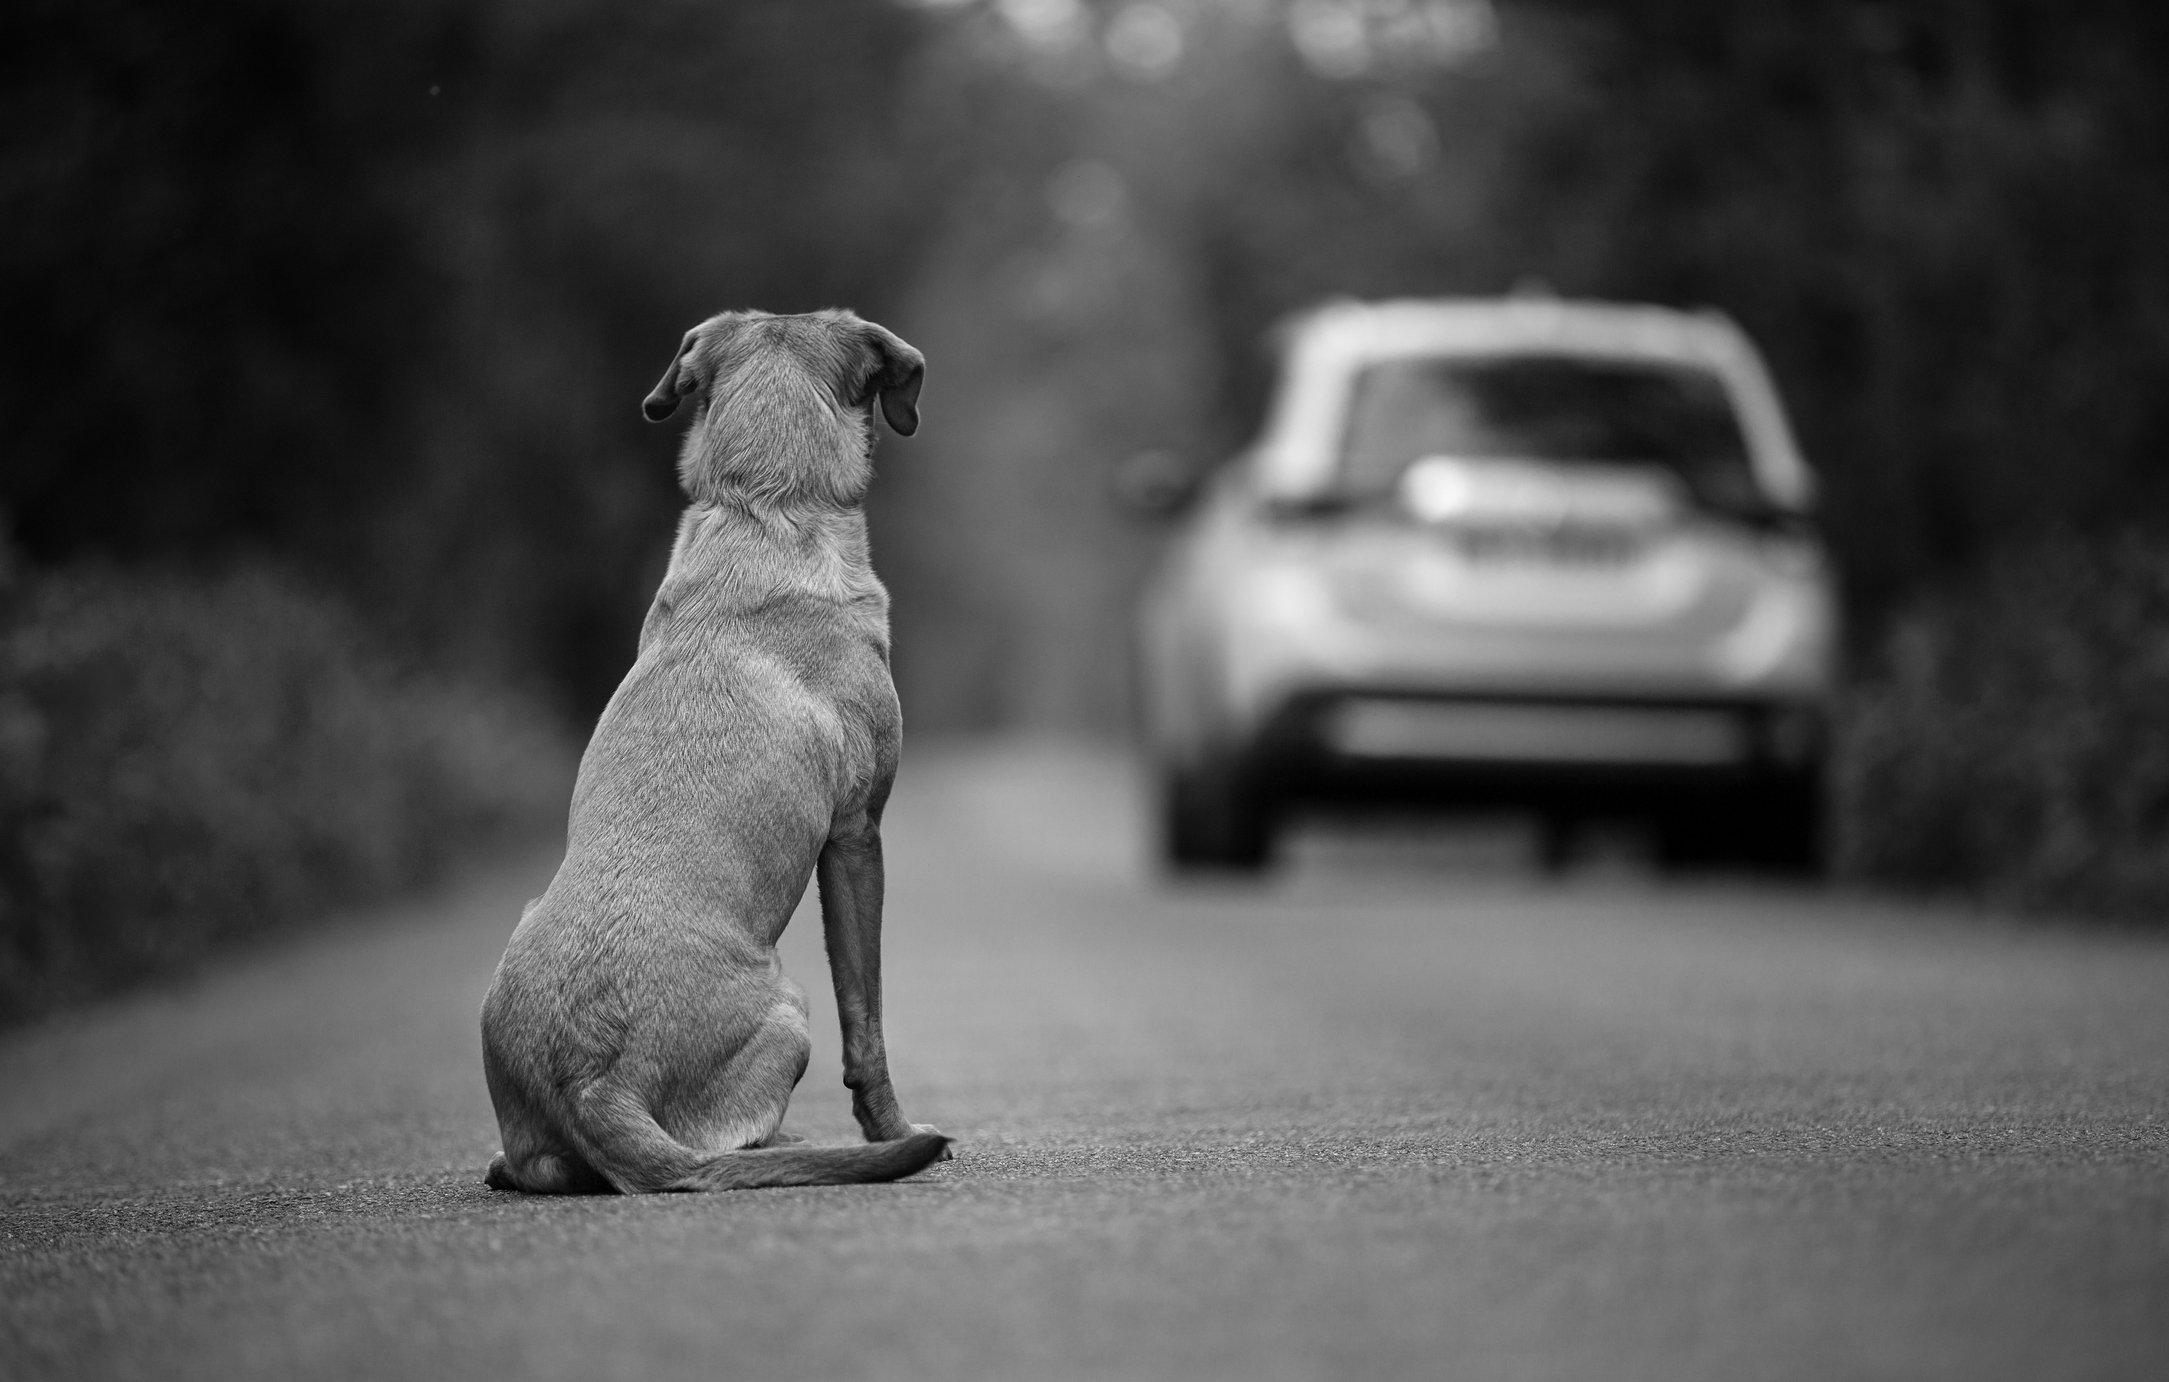 Cuidado, estas son las seis carreteras con más perros abandonados | Motor -  ComputerHoy.com